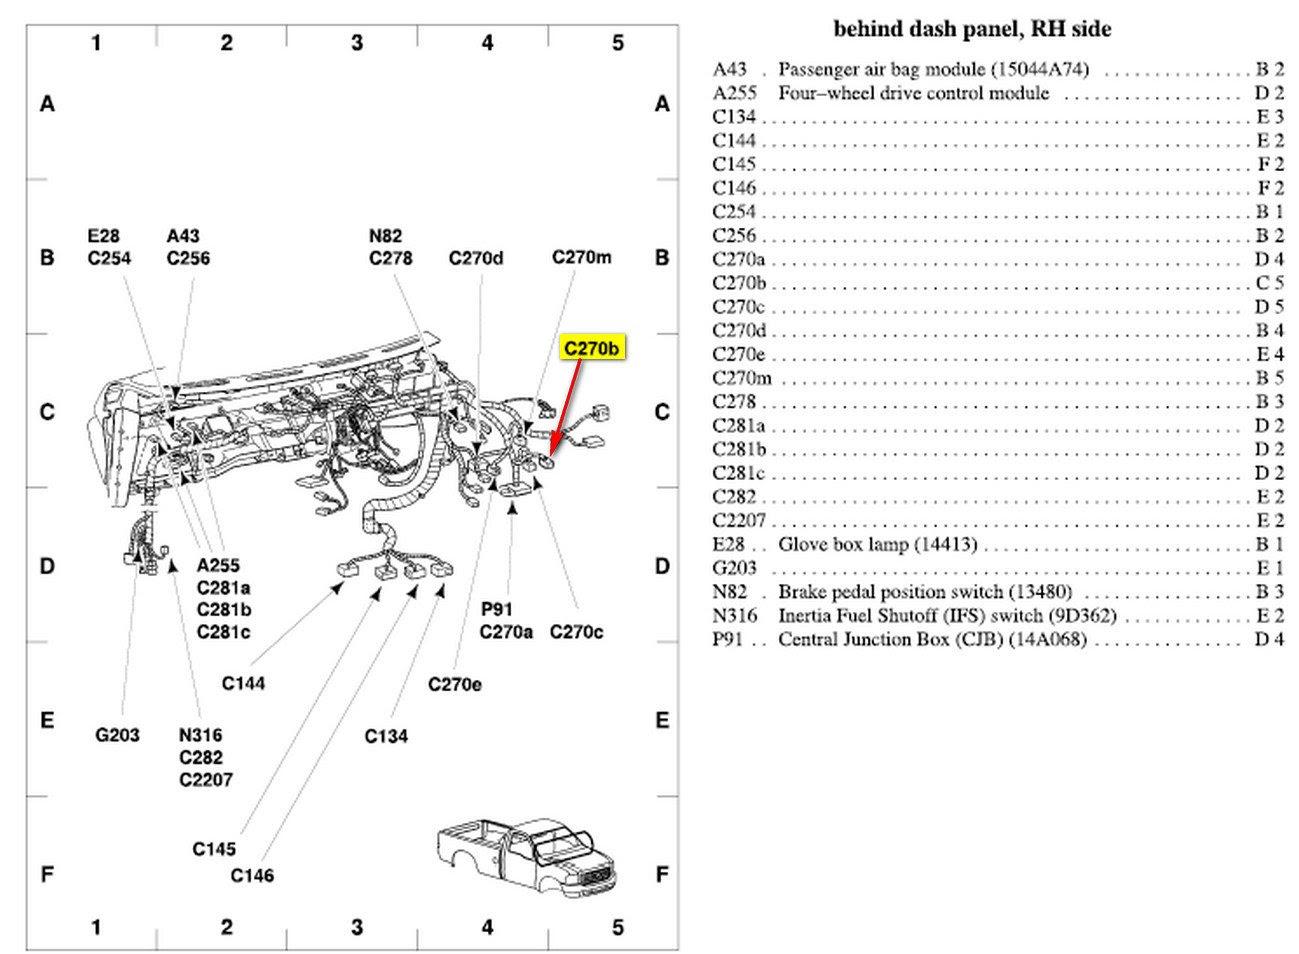 2000 F450 Wiring Diagram Dashboard Bachmann Train Wiring Diagrams Bege Wiring Diagram